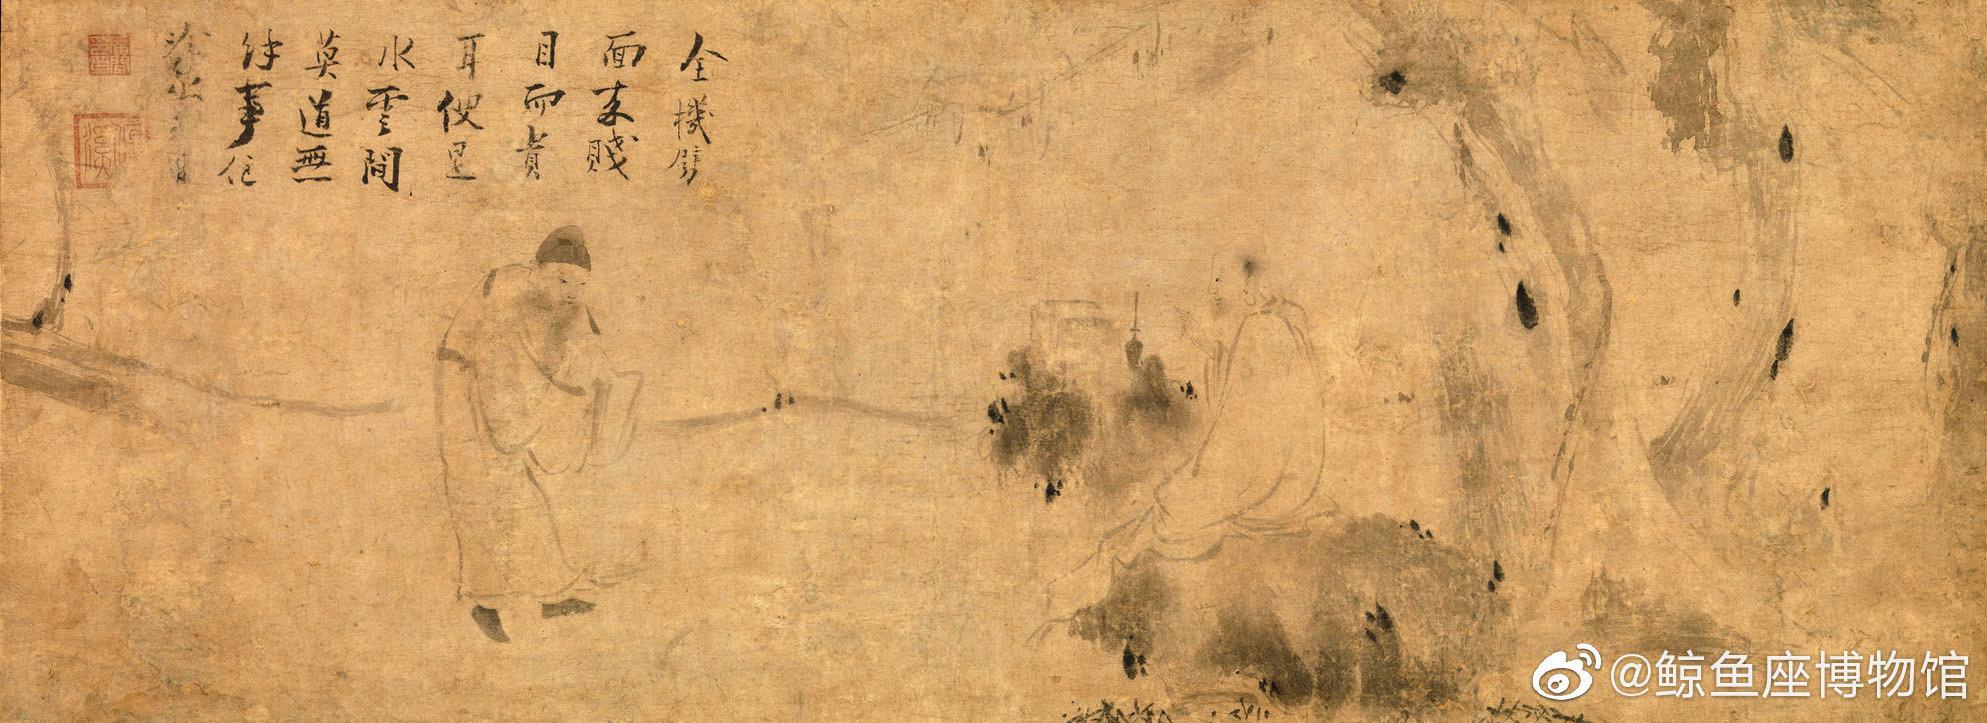 《药山李翱问道图》美国大都会艺术博物馆收藏